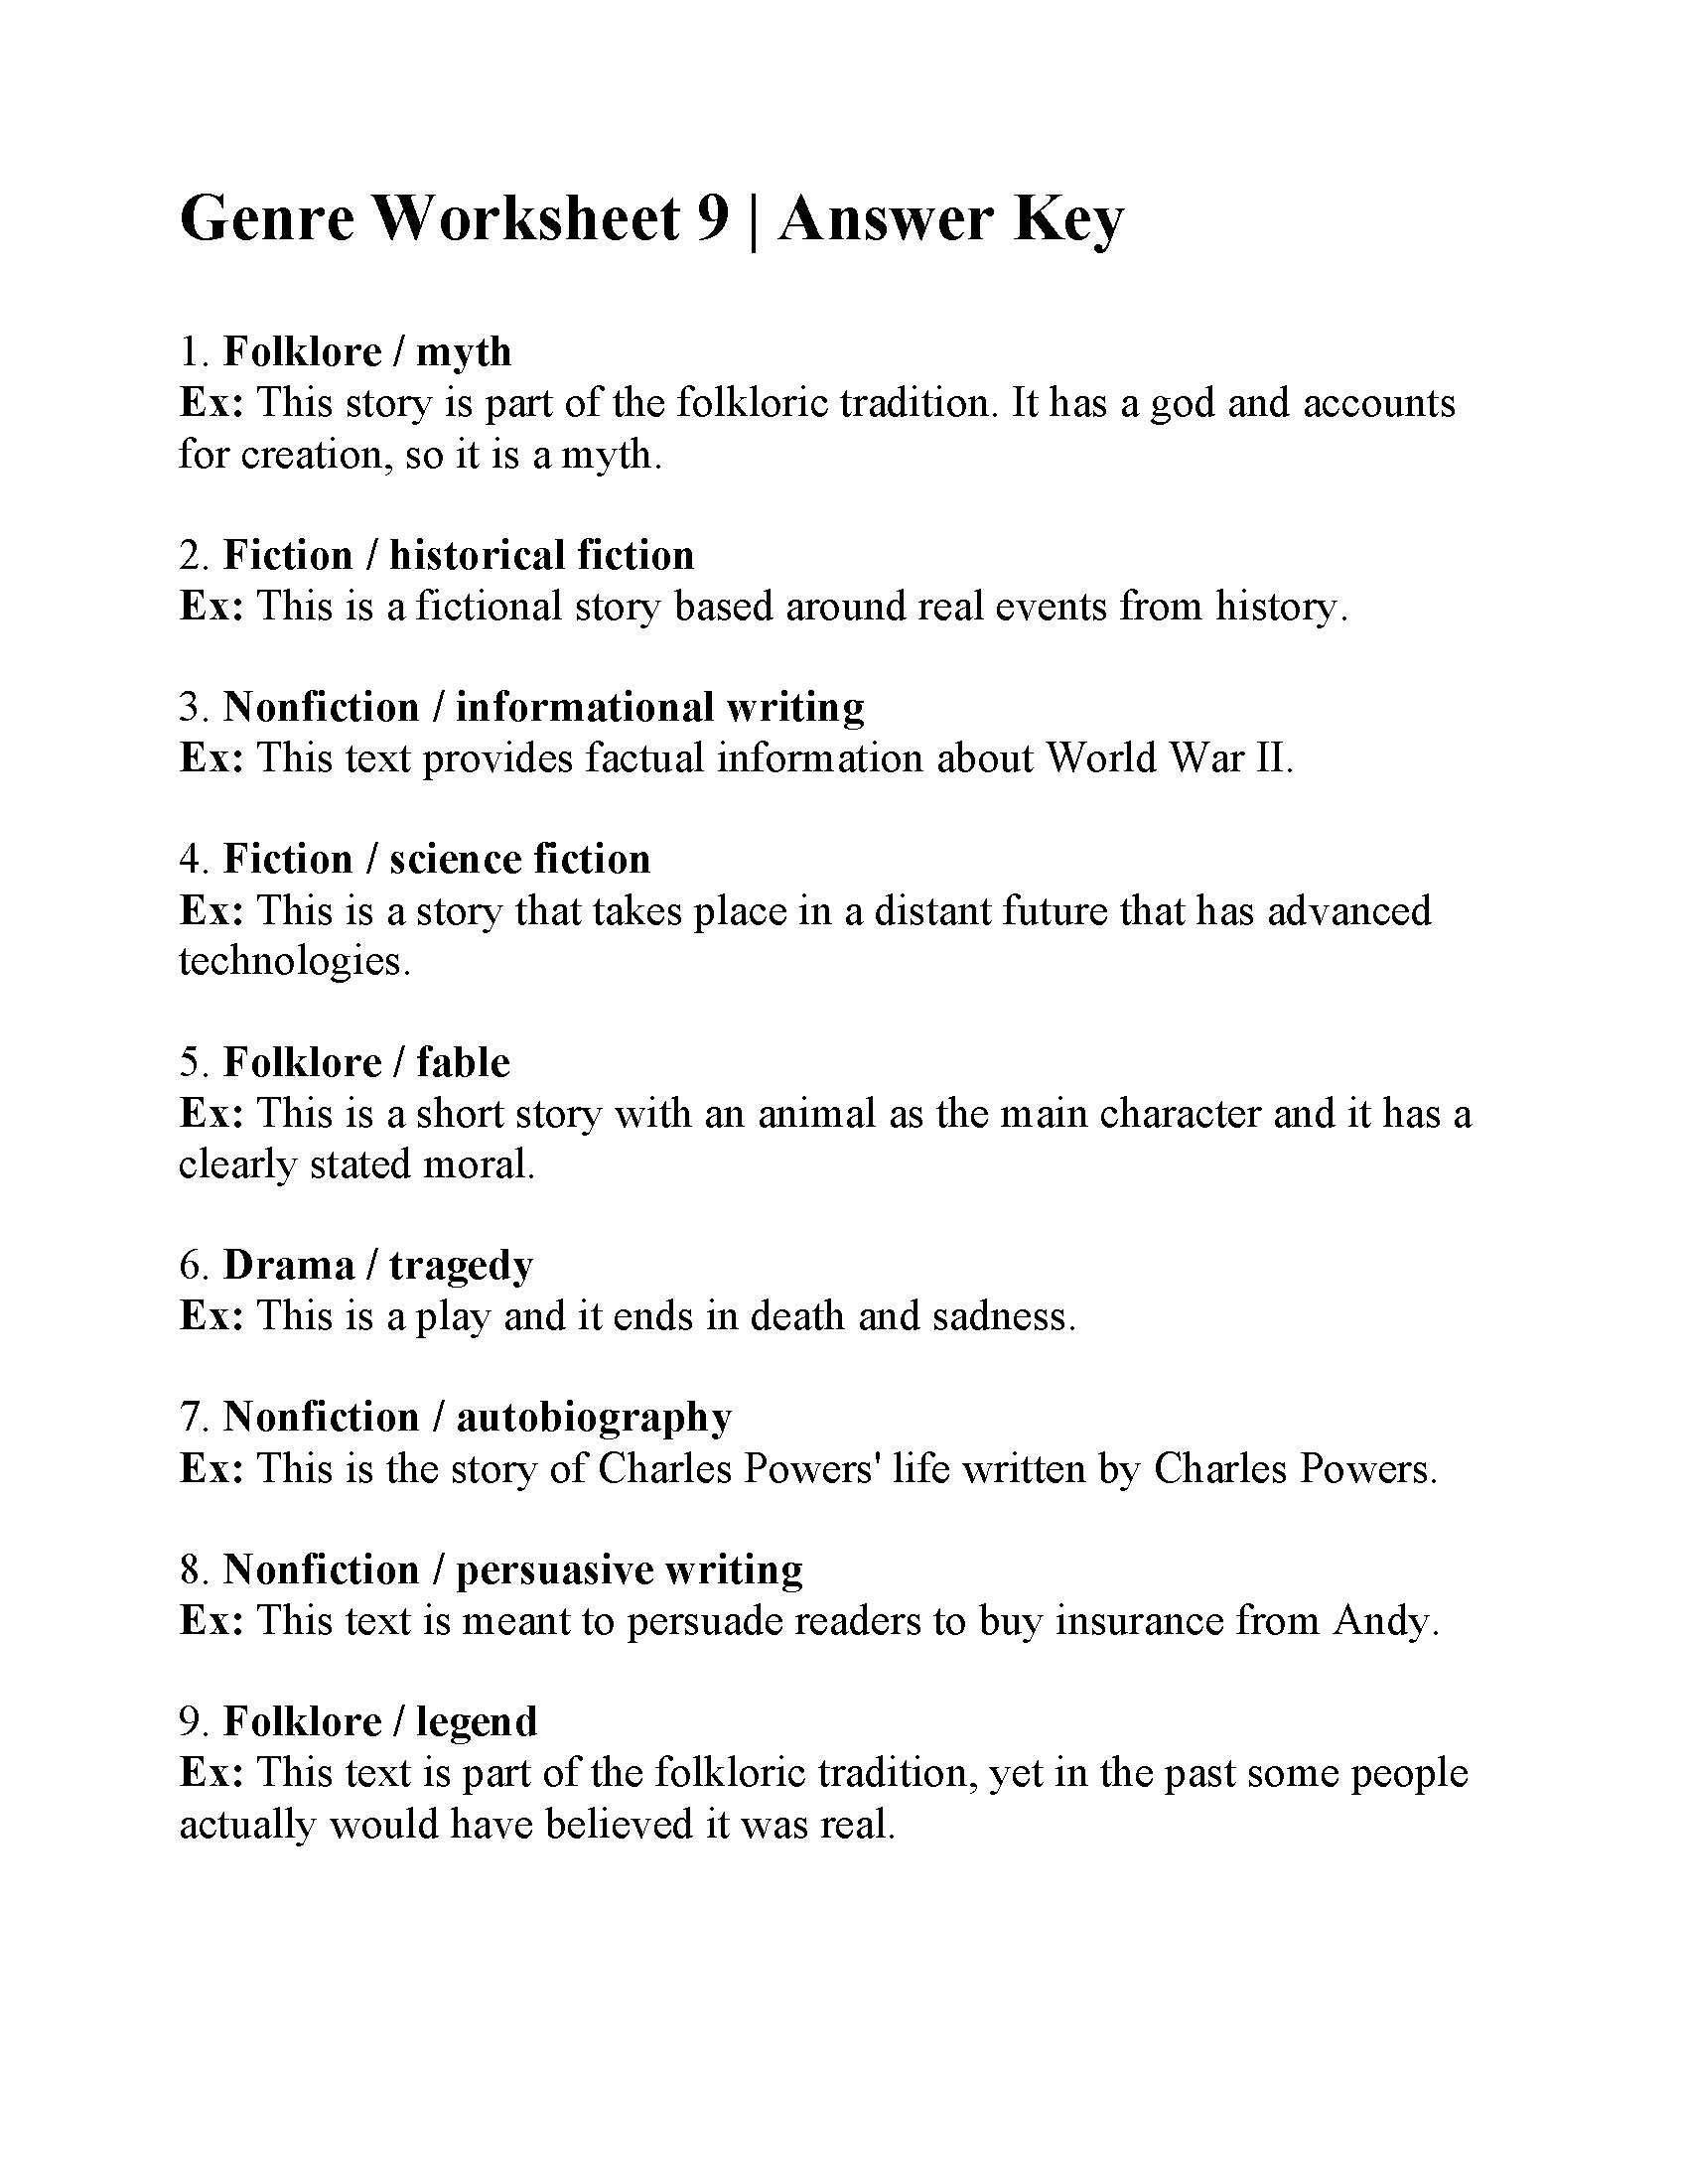 Genre Worksheet 9